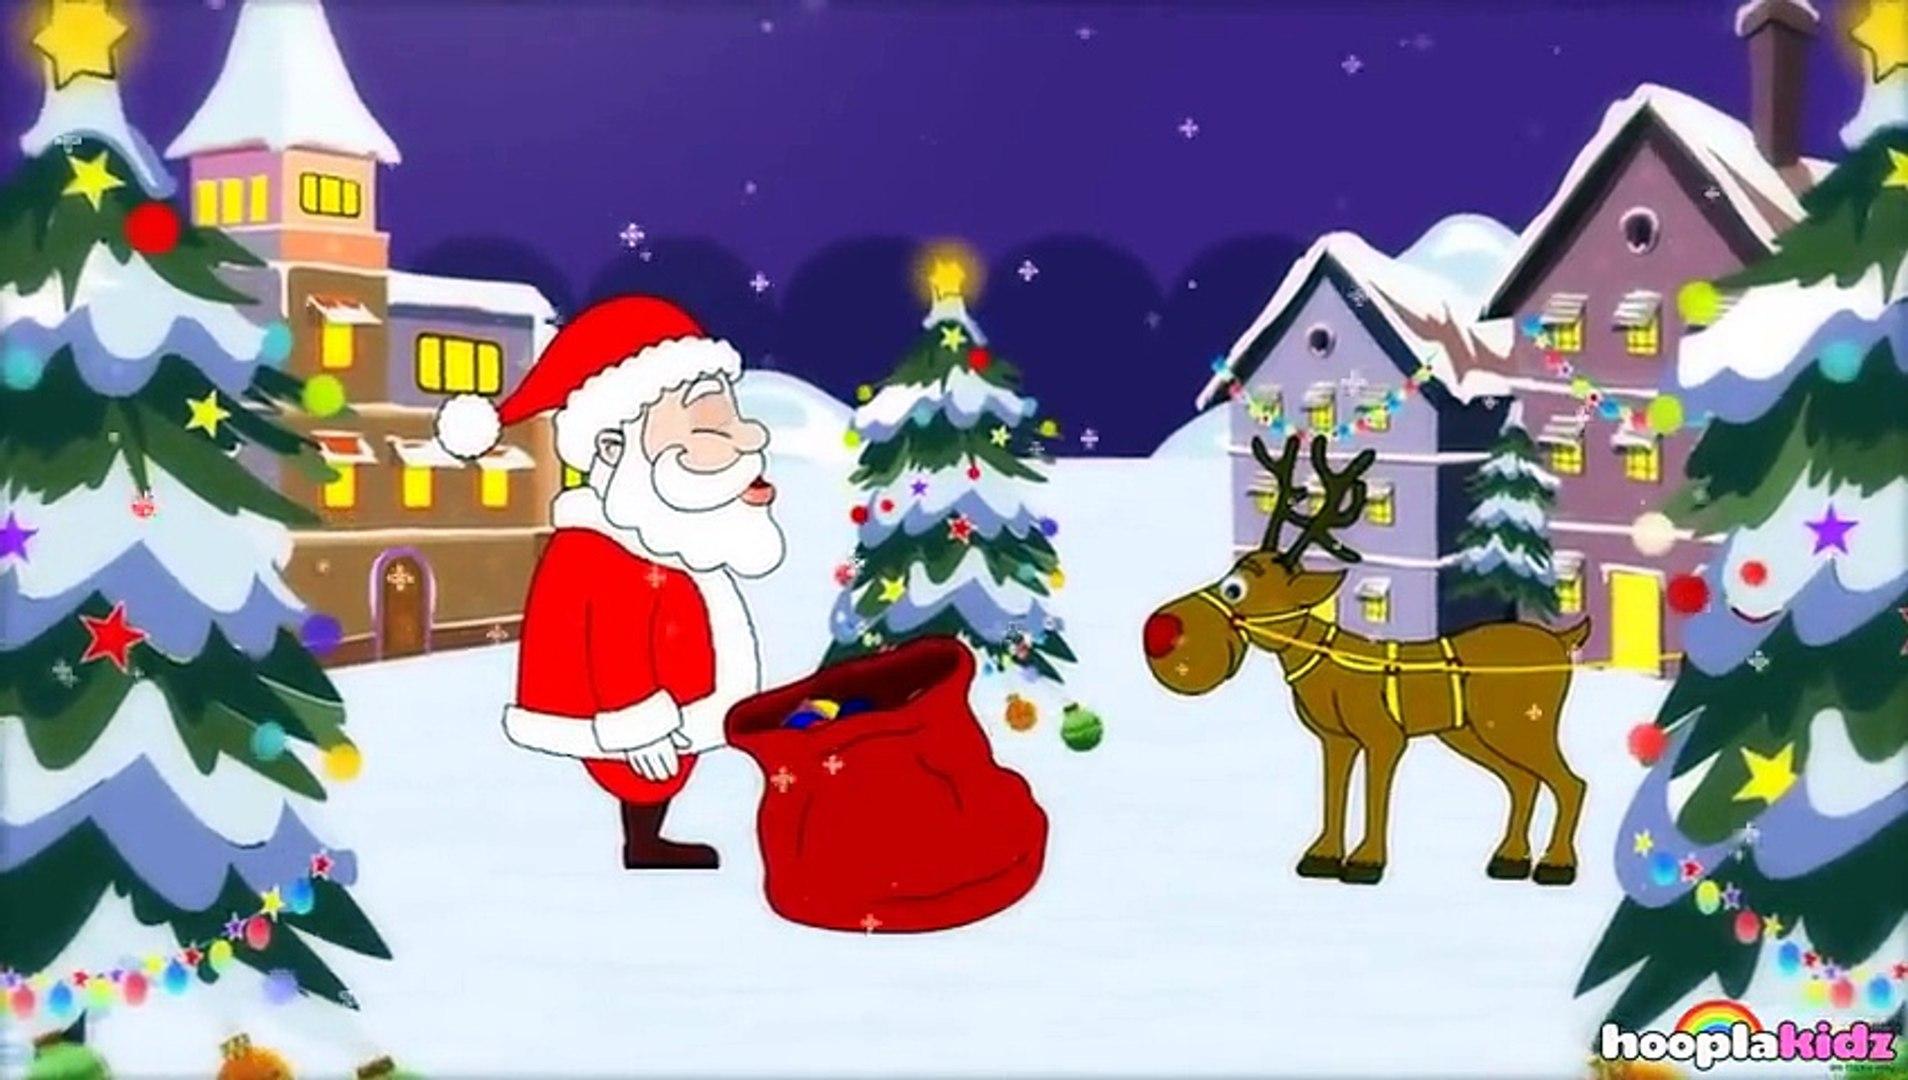 Christmas Tree! - Christmas Carol